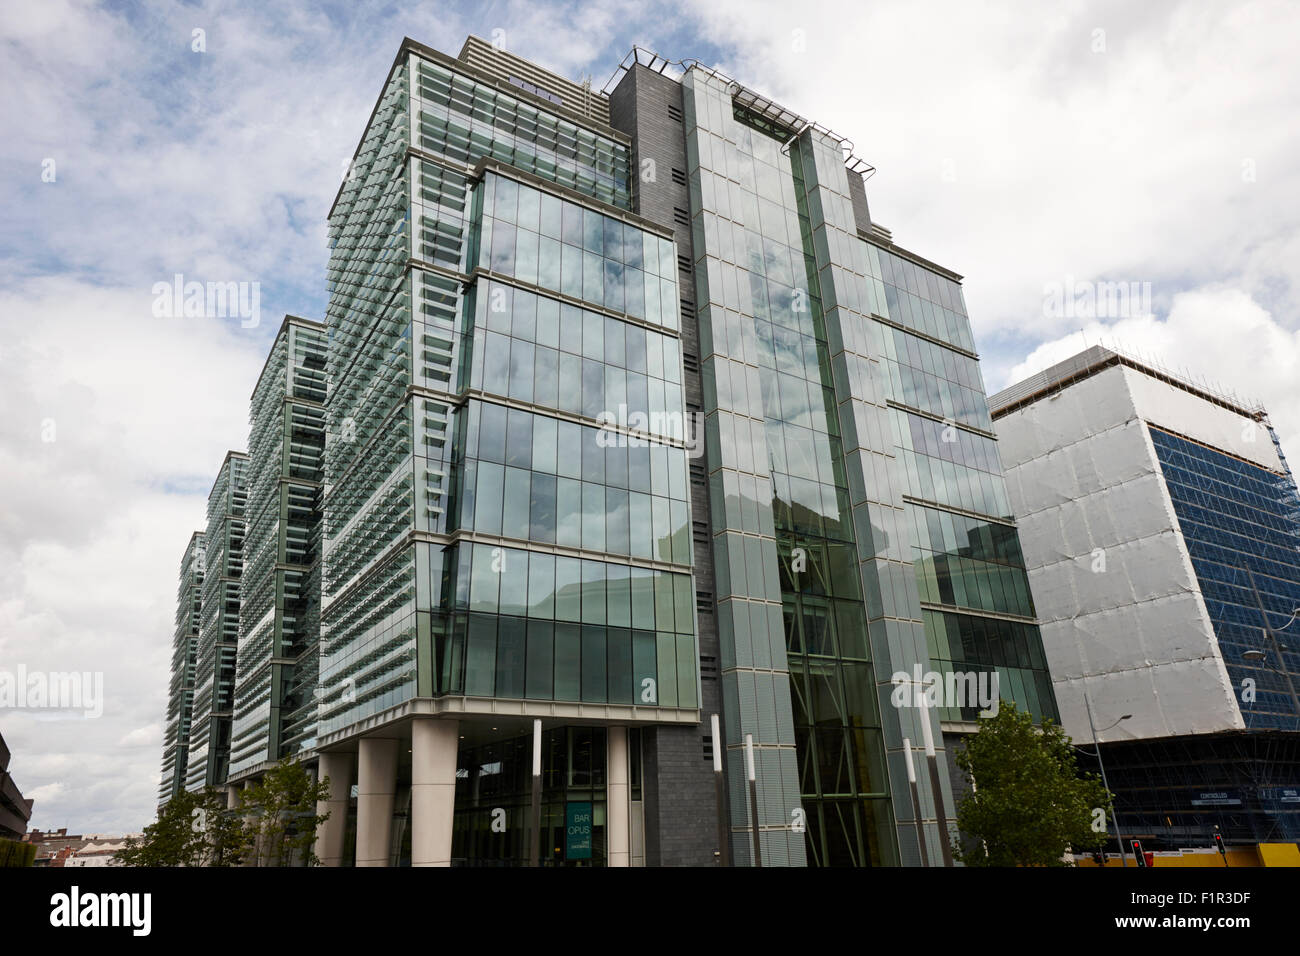 Snowhill Büroentwicklung im neuen Geschäftsviertel von Birmingham UK Stockbild